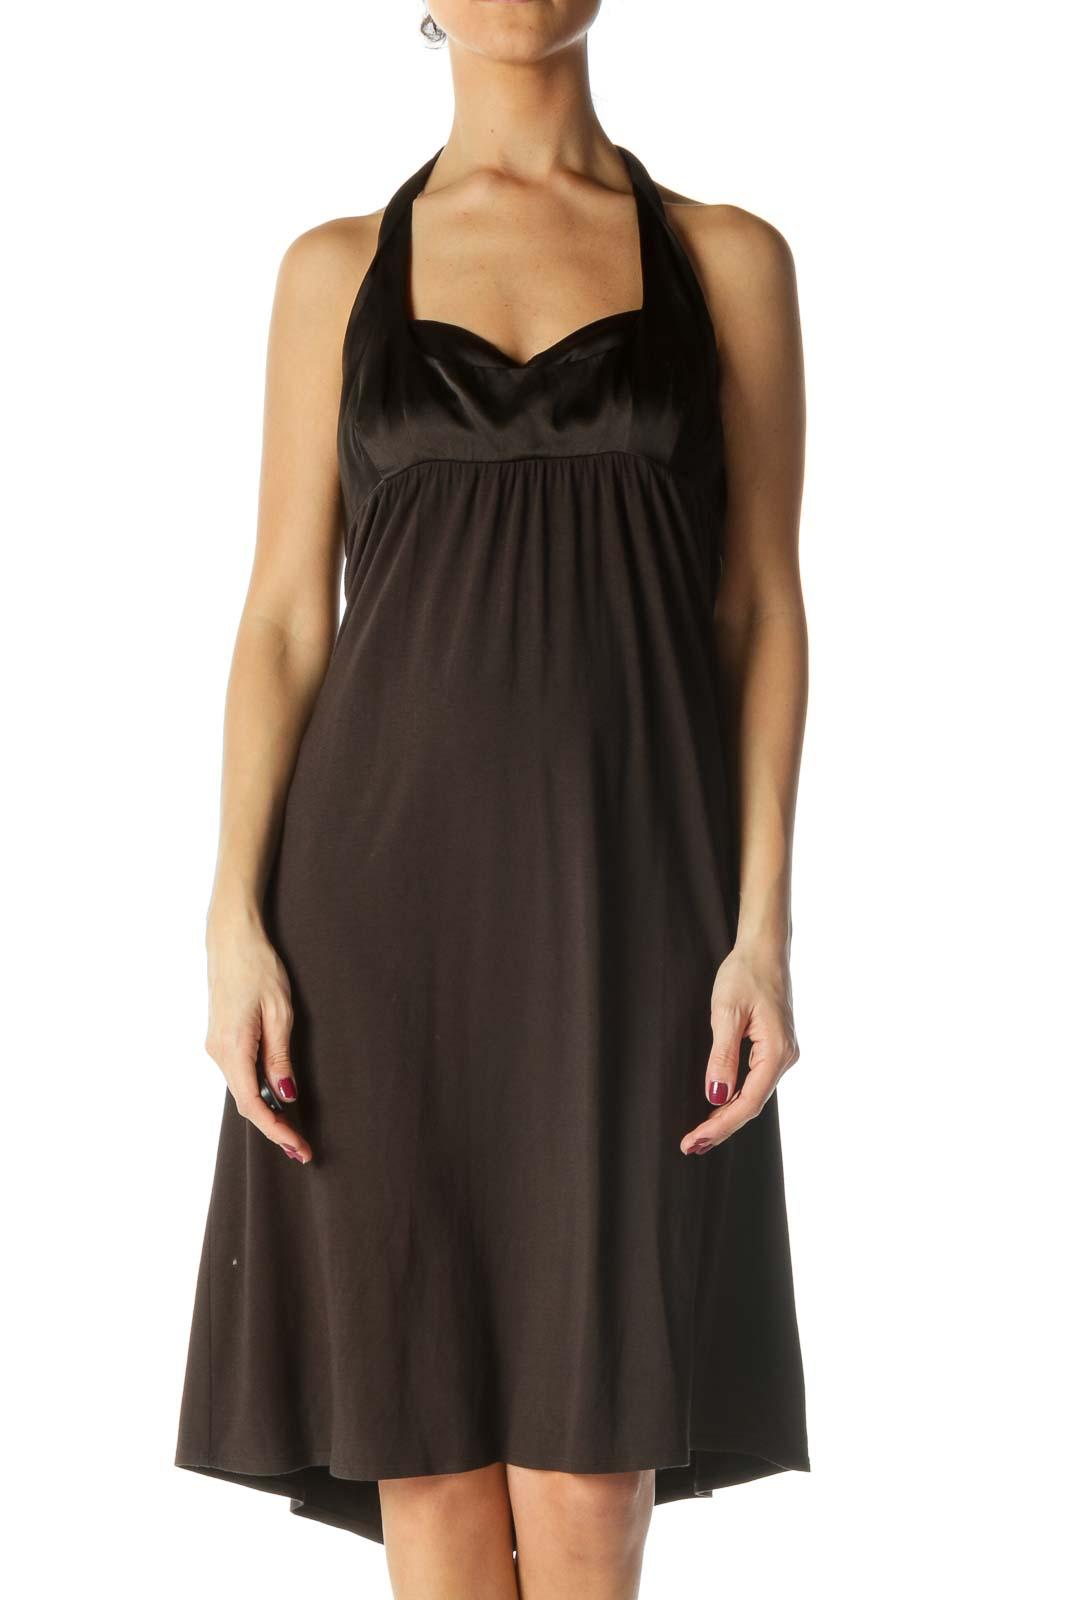 Brown Halter Knee Length Cocktail Dress